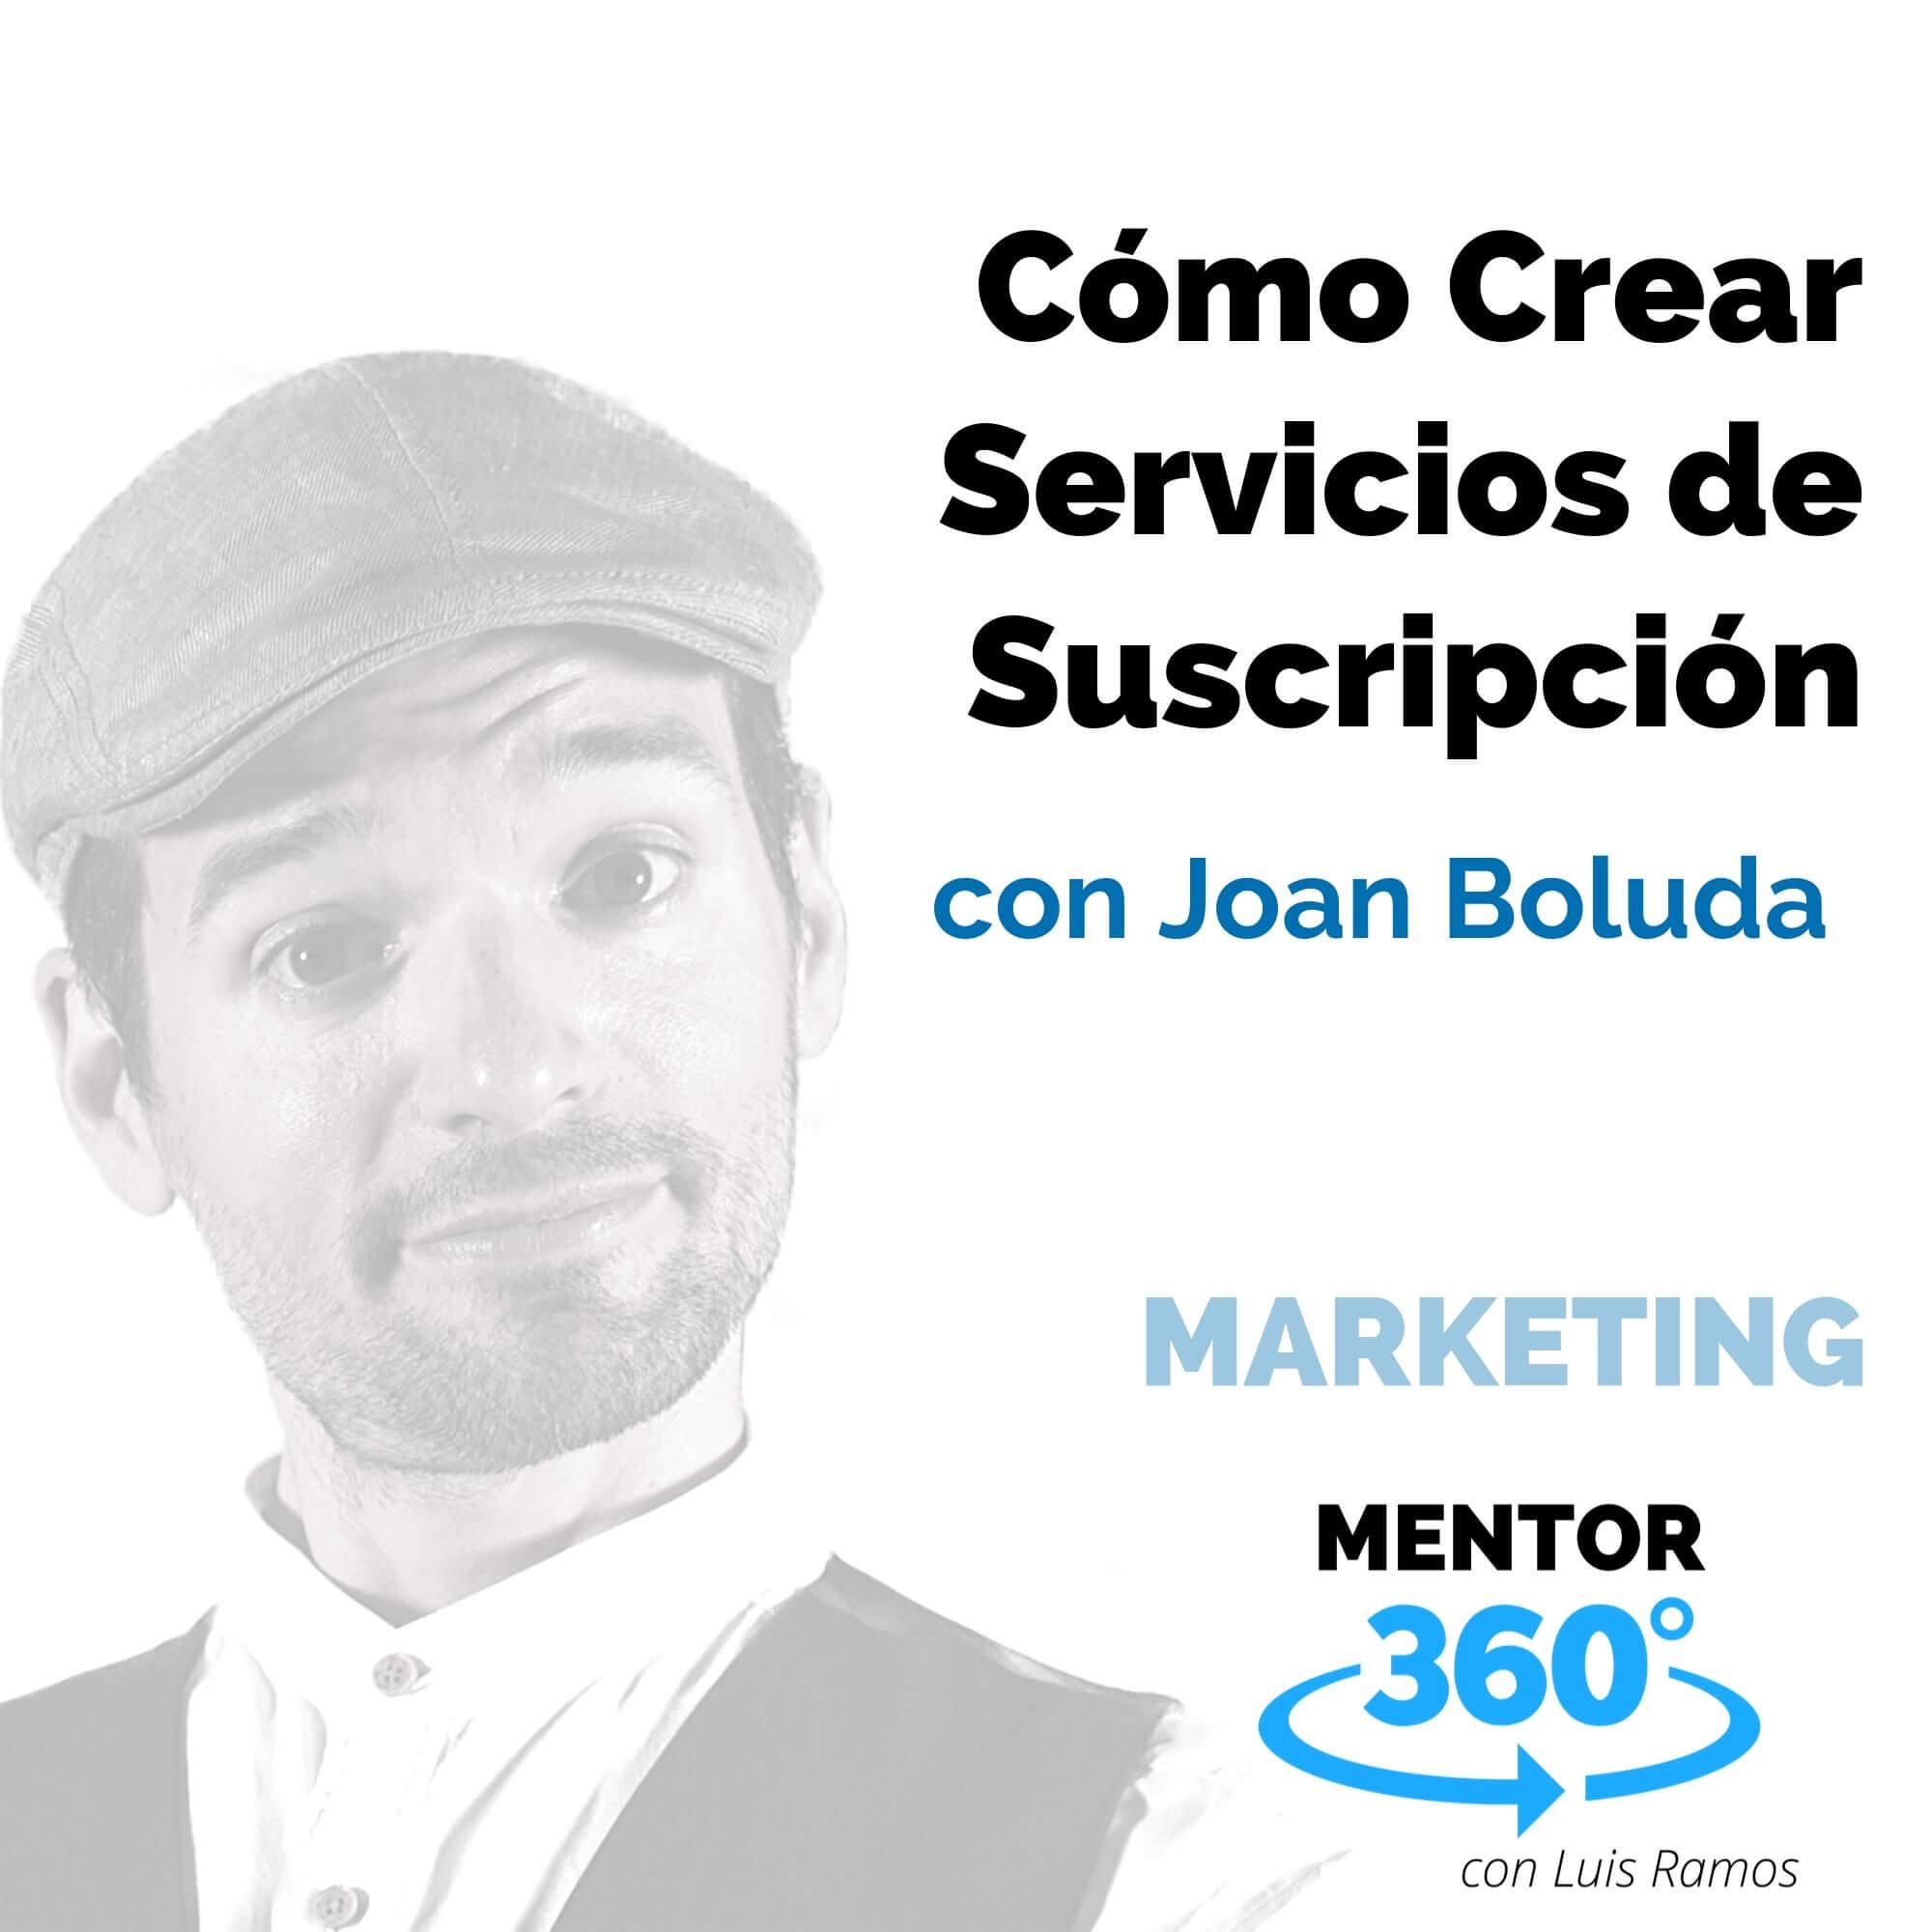 Cómo Crear Servicios de Suscripción, con Joan Boluda - MARKETING